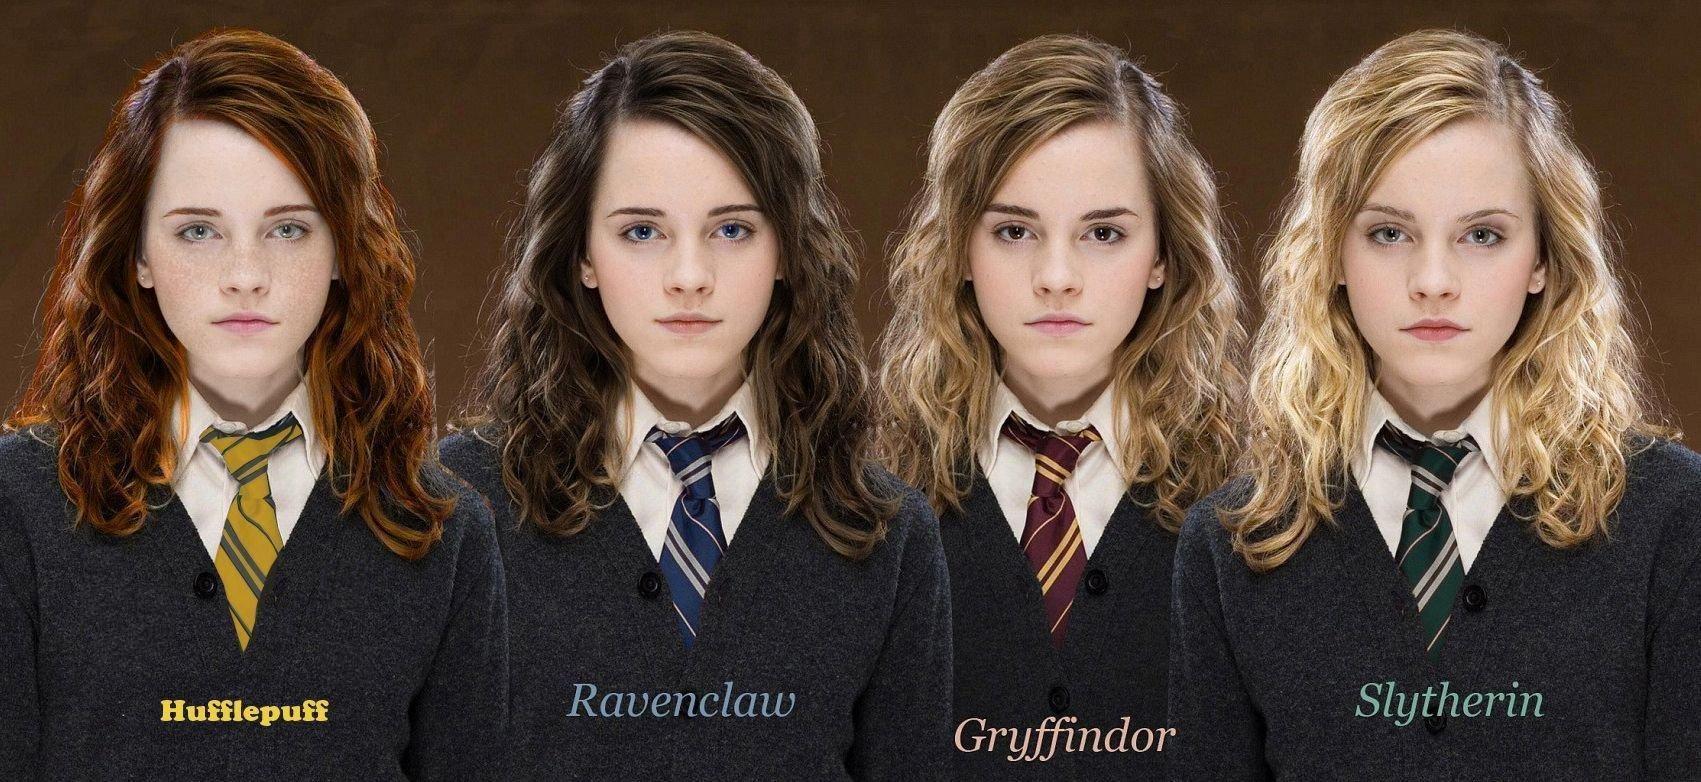 I Always Knew I D Be In Hufflepuff Harry Potter Und Der Halbblutprinz Schauspieler Harry Potter Und Der Feuerkelch